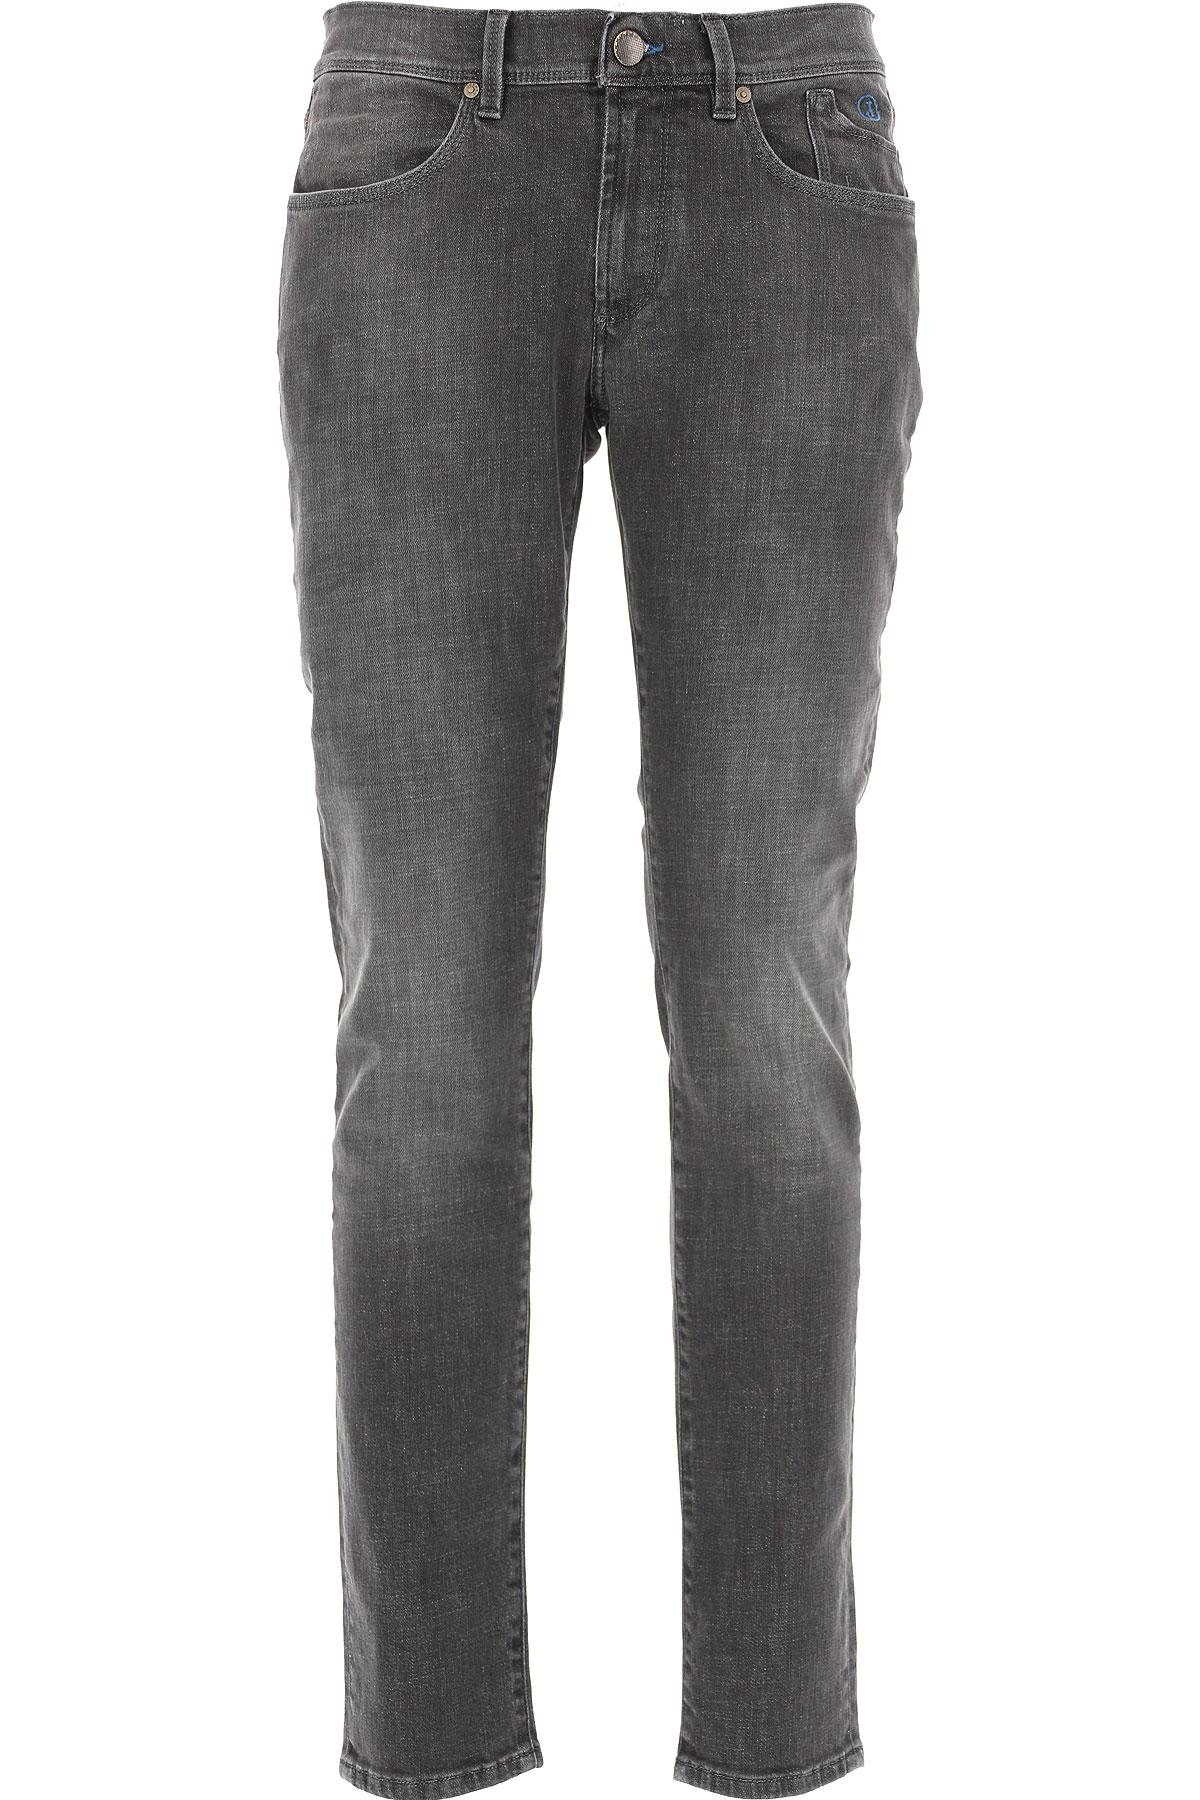 Jeckerson Jeans On Sale, Black, Cotton, 2019, 30 31 32 33 34 35 36 38